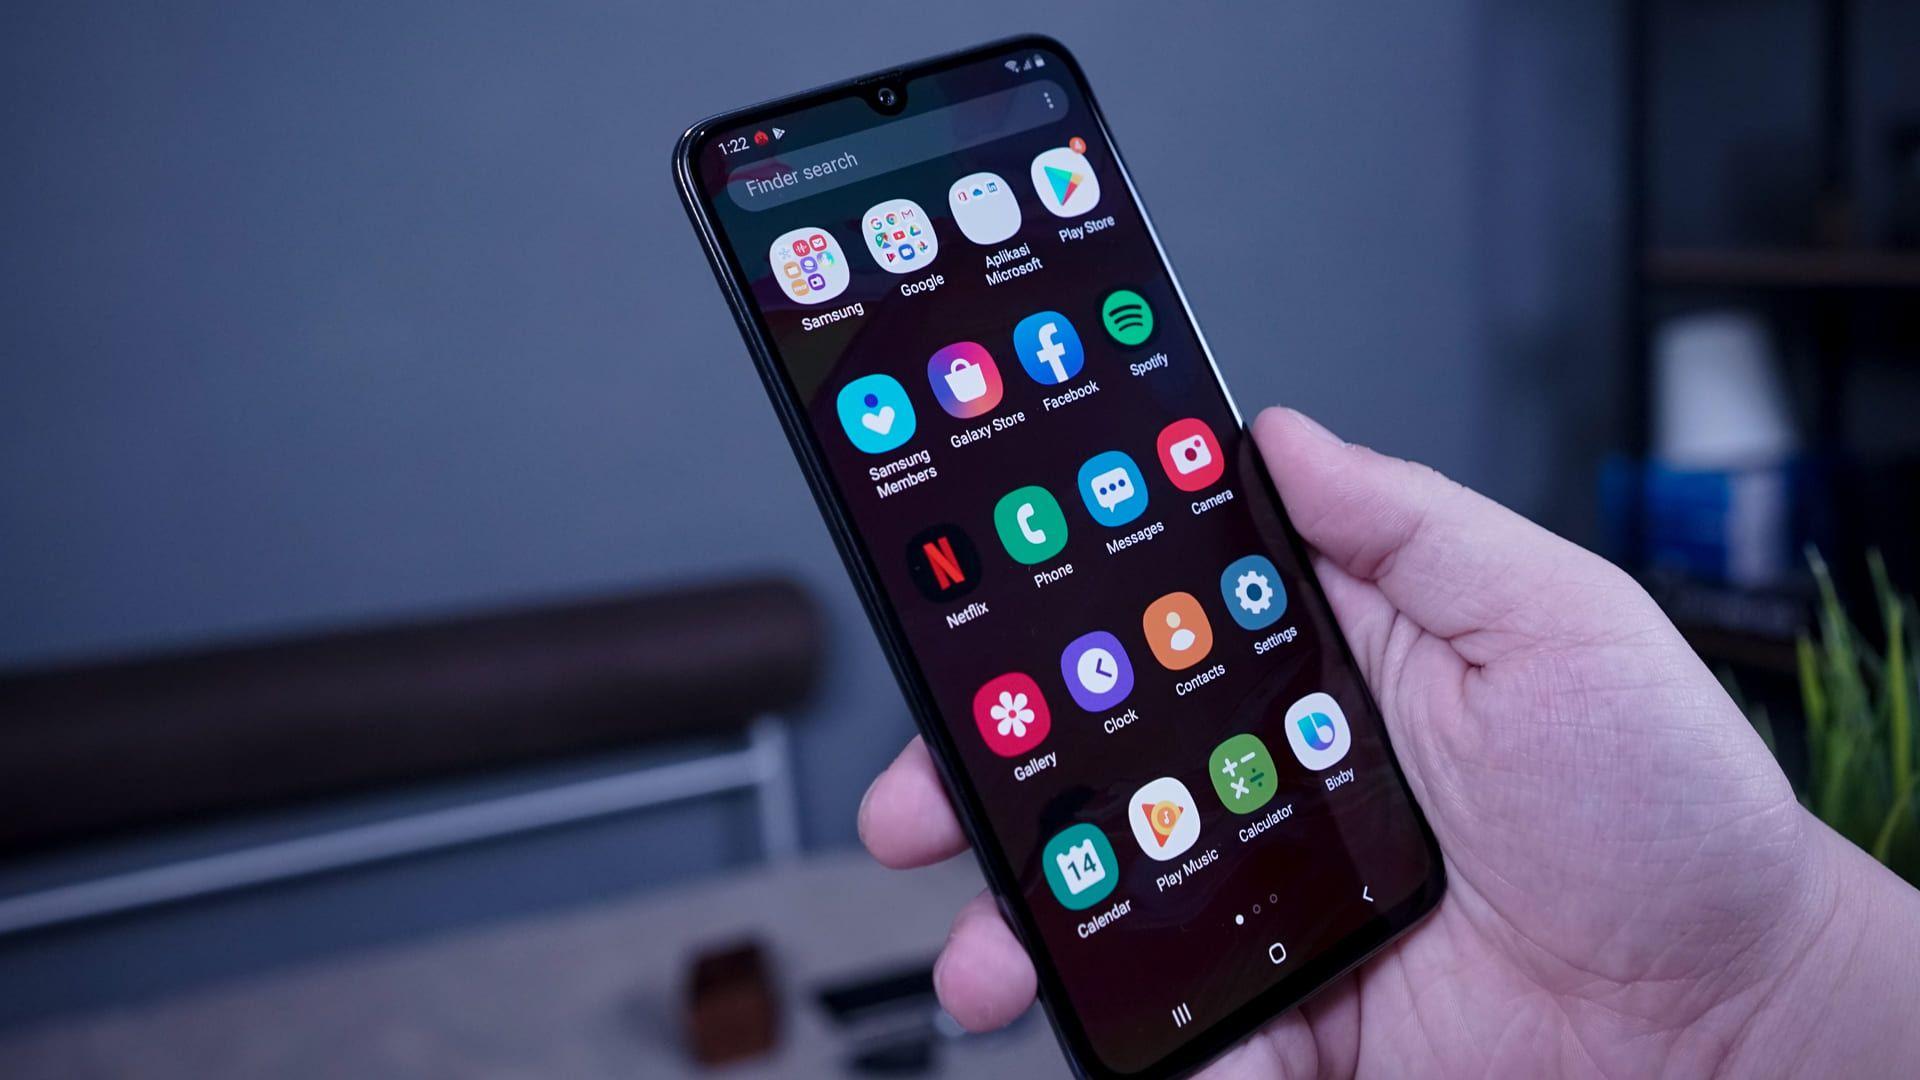 O que é melhor: iPhone ou Android? O segundo está presente em um leque de fabricantes (Foto: Lukmanazis / Shutterstock.com)